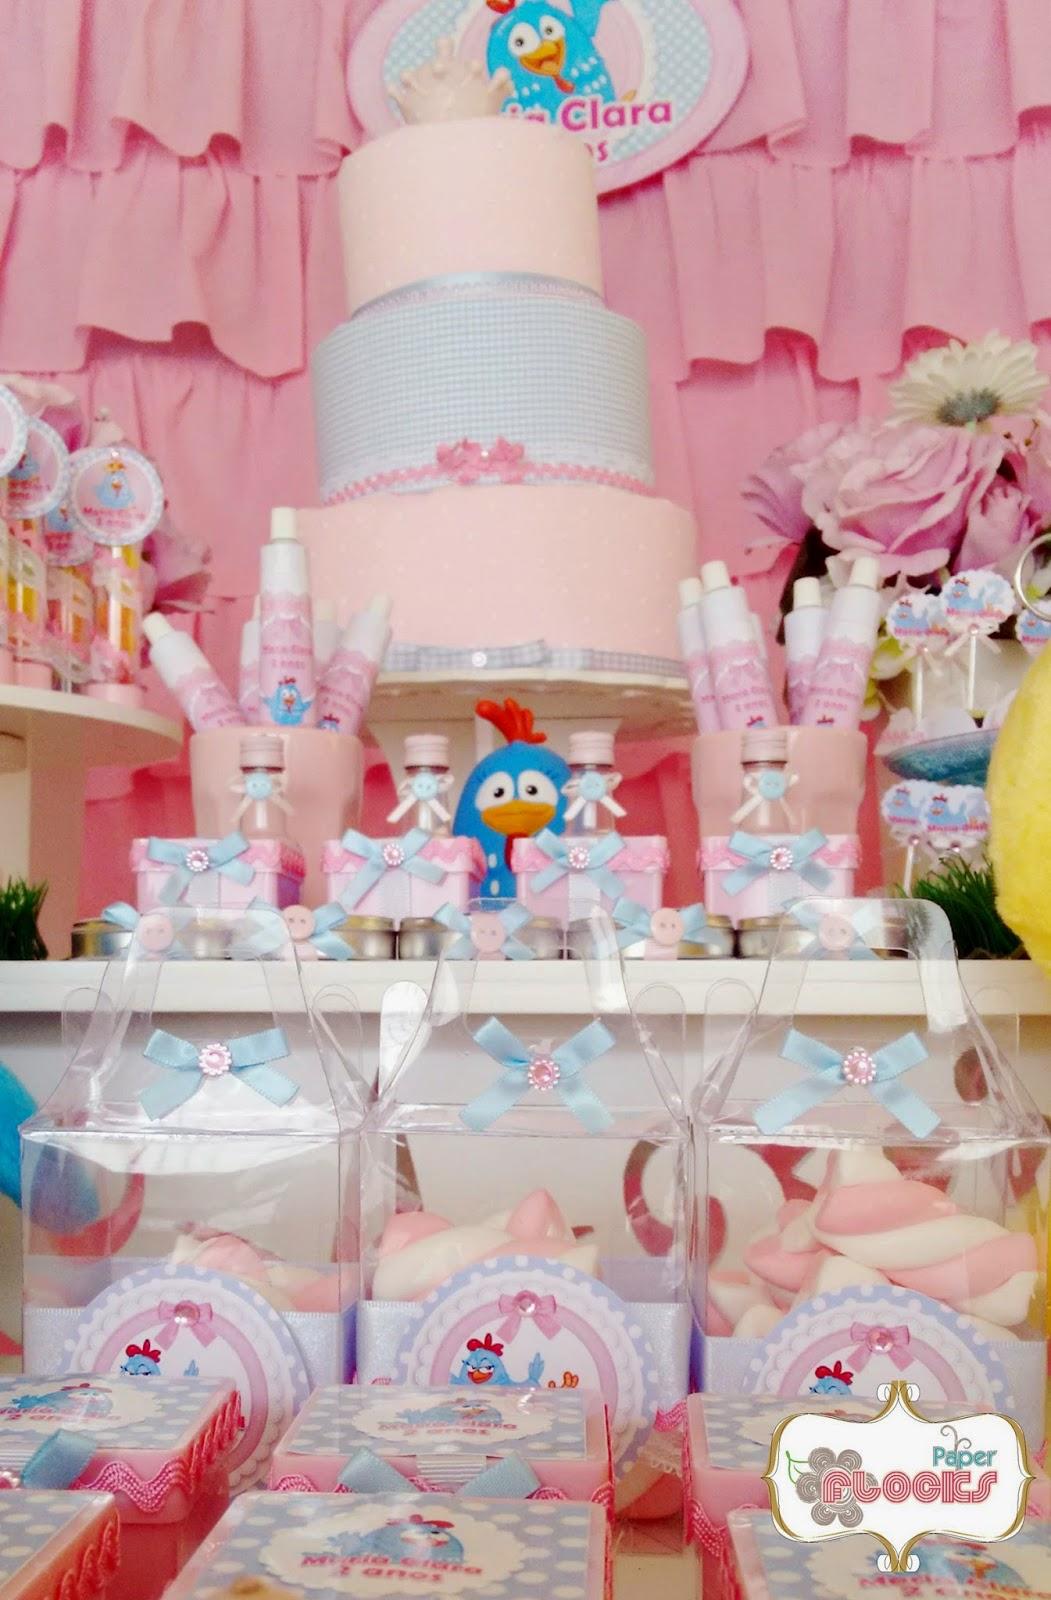 decoracao festa galinha pintadinha rosa: Clarinhafez2 – Galinha Pintadinha rosa e azul – Maria Clara 2 anos